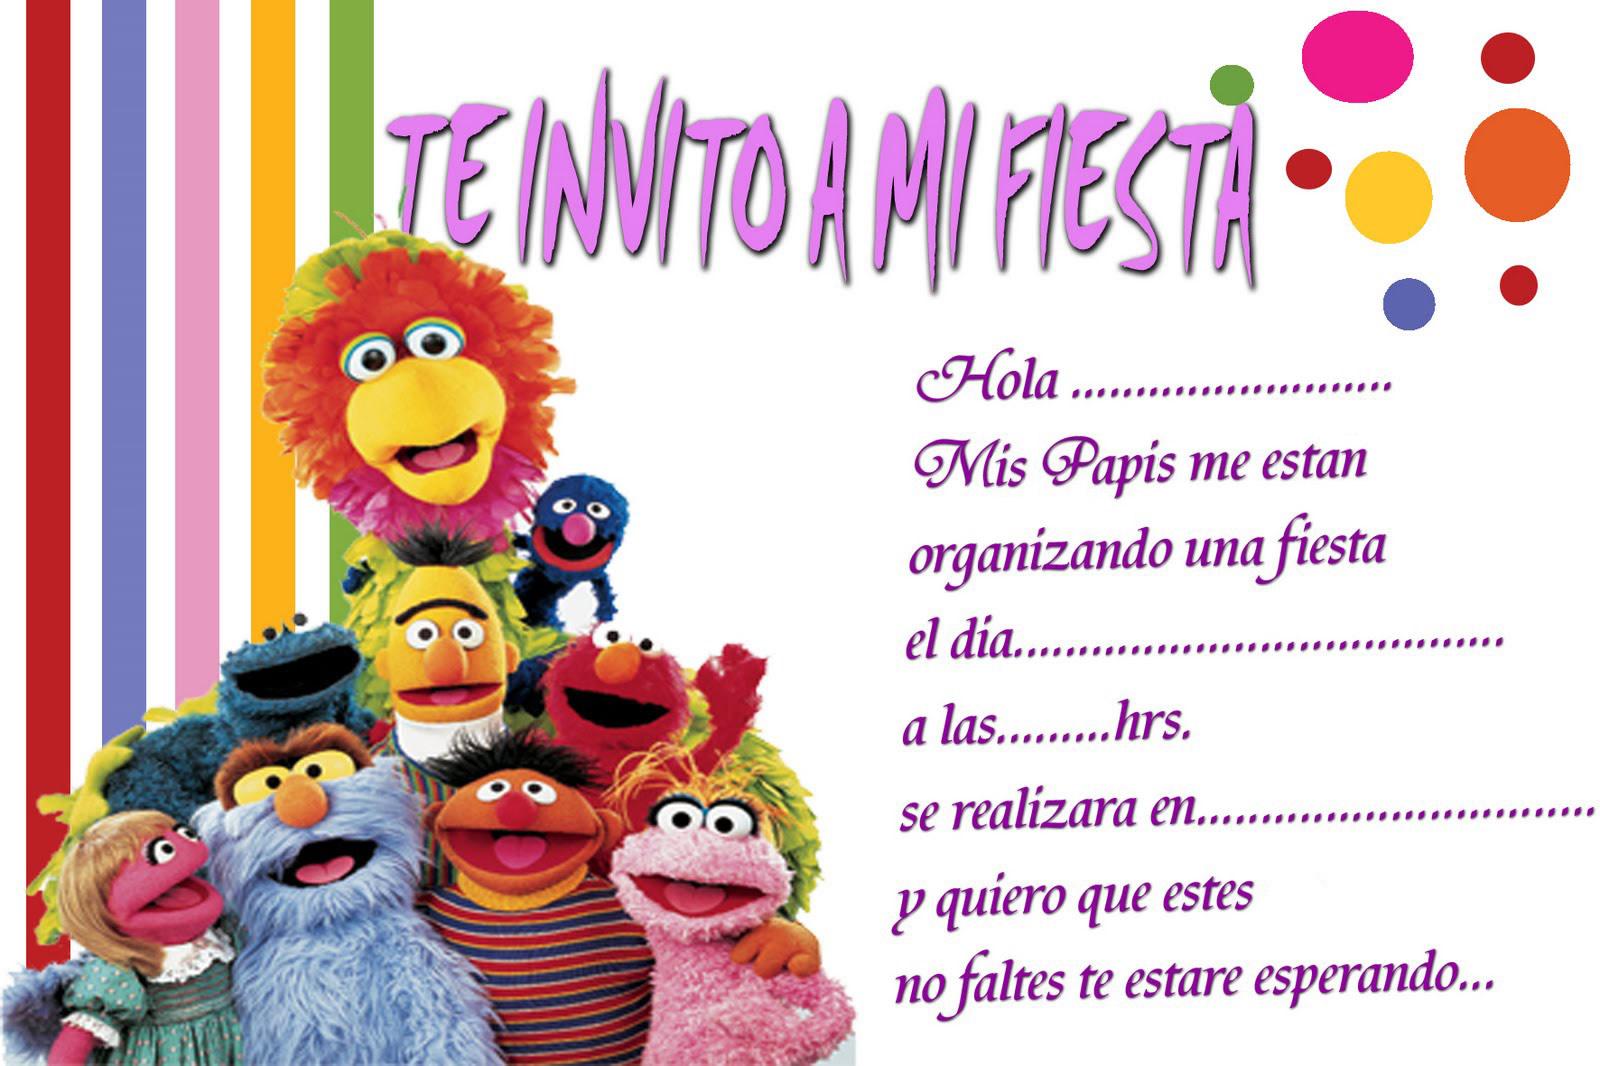 Invitaciones infantiles gratis auto design tech - Fiesta cumpleanos infantil ...